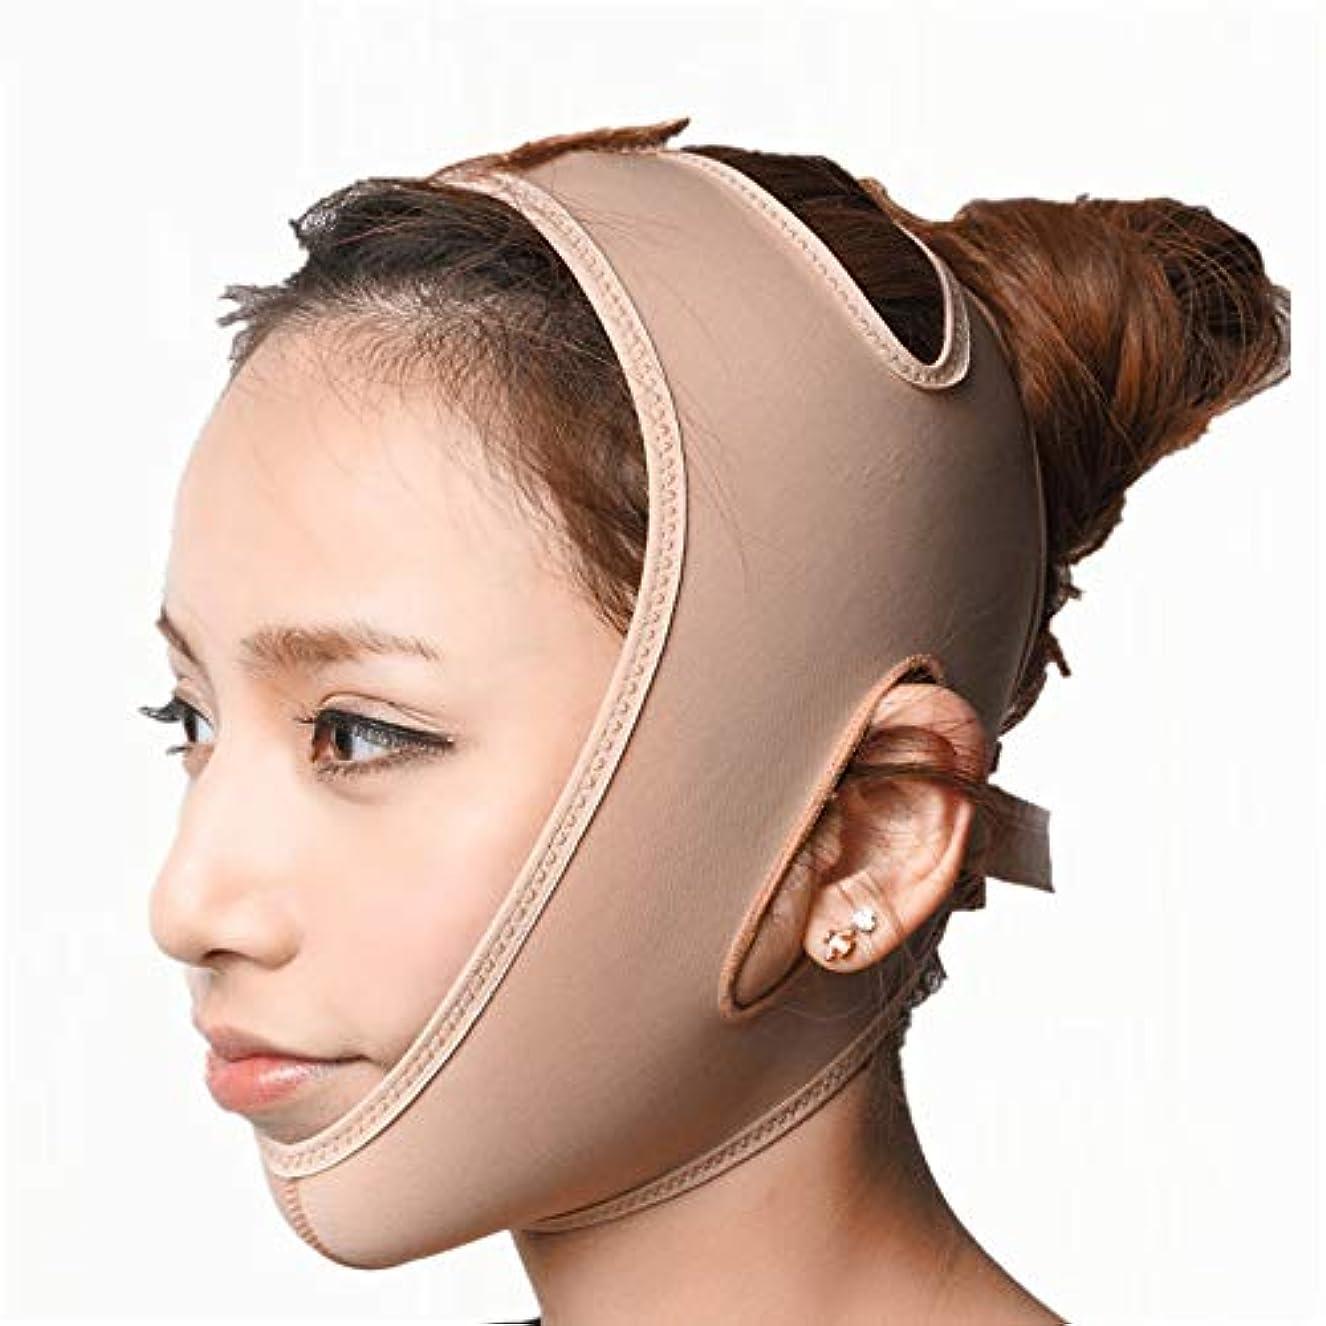 マート来て許可GYZ 顔の持ち上がる痩身ベルト - アンチエイジングリンクルフェイスマスクベルトシンフェイス包帯整形マスクは顔と首を締めますフェイススリム Thin Face Belt (Size : XL)